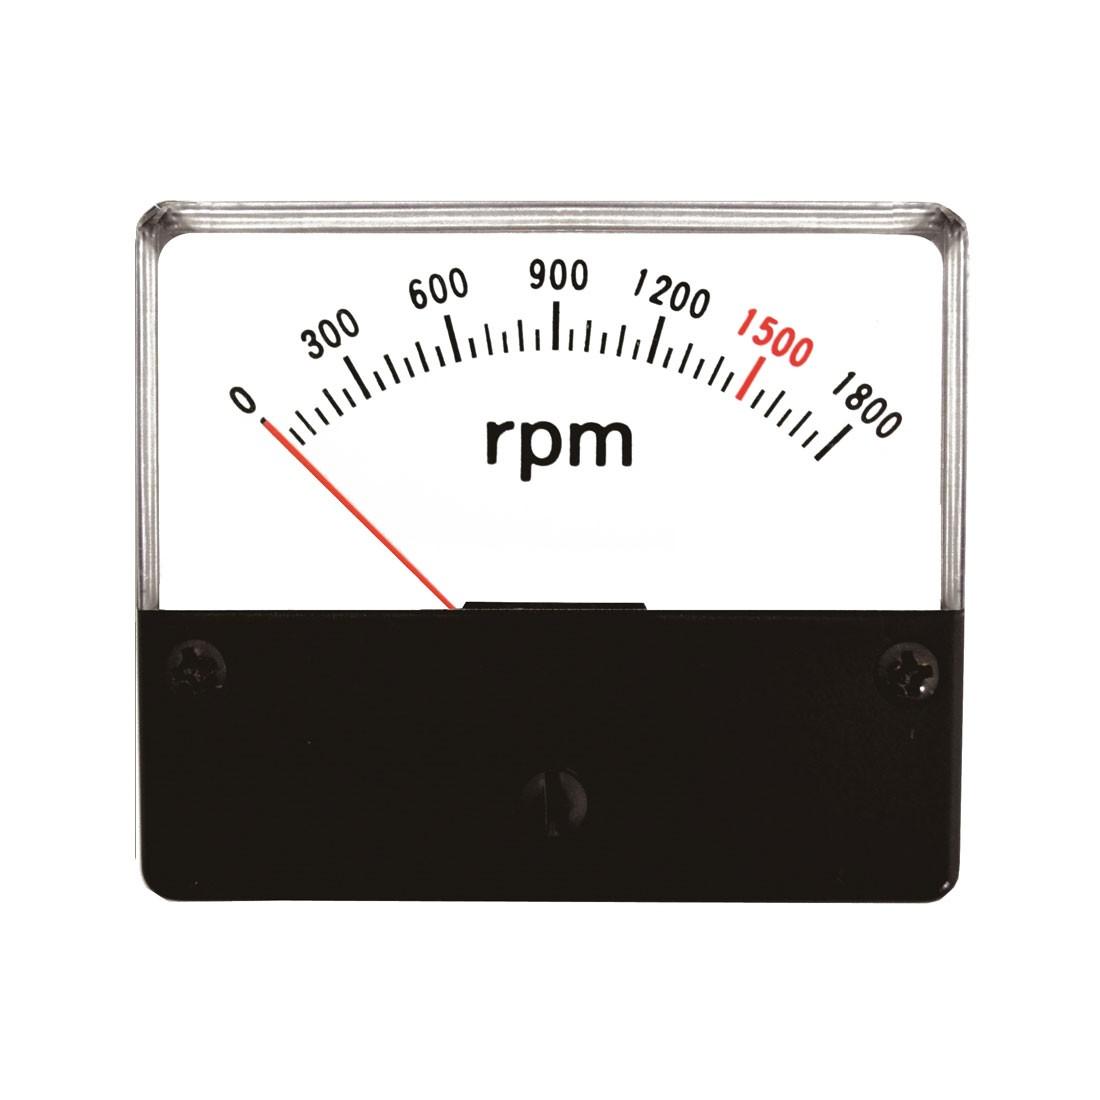 HST-670 AC or DC Analog Panel Meter